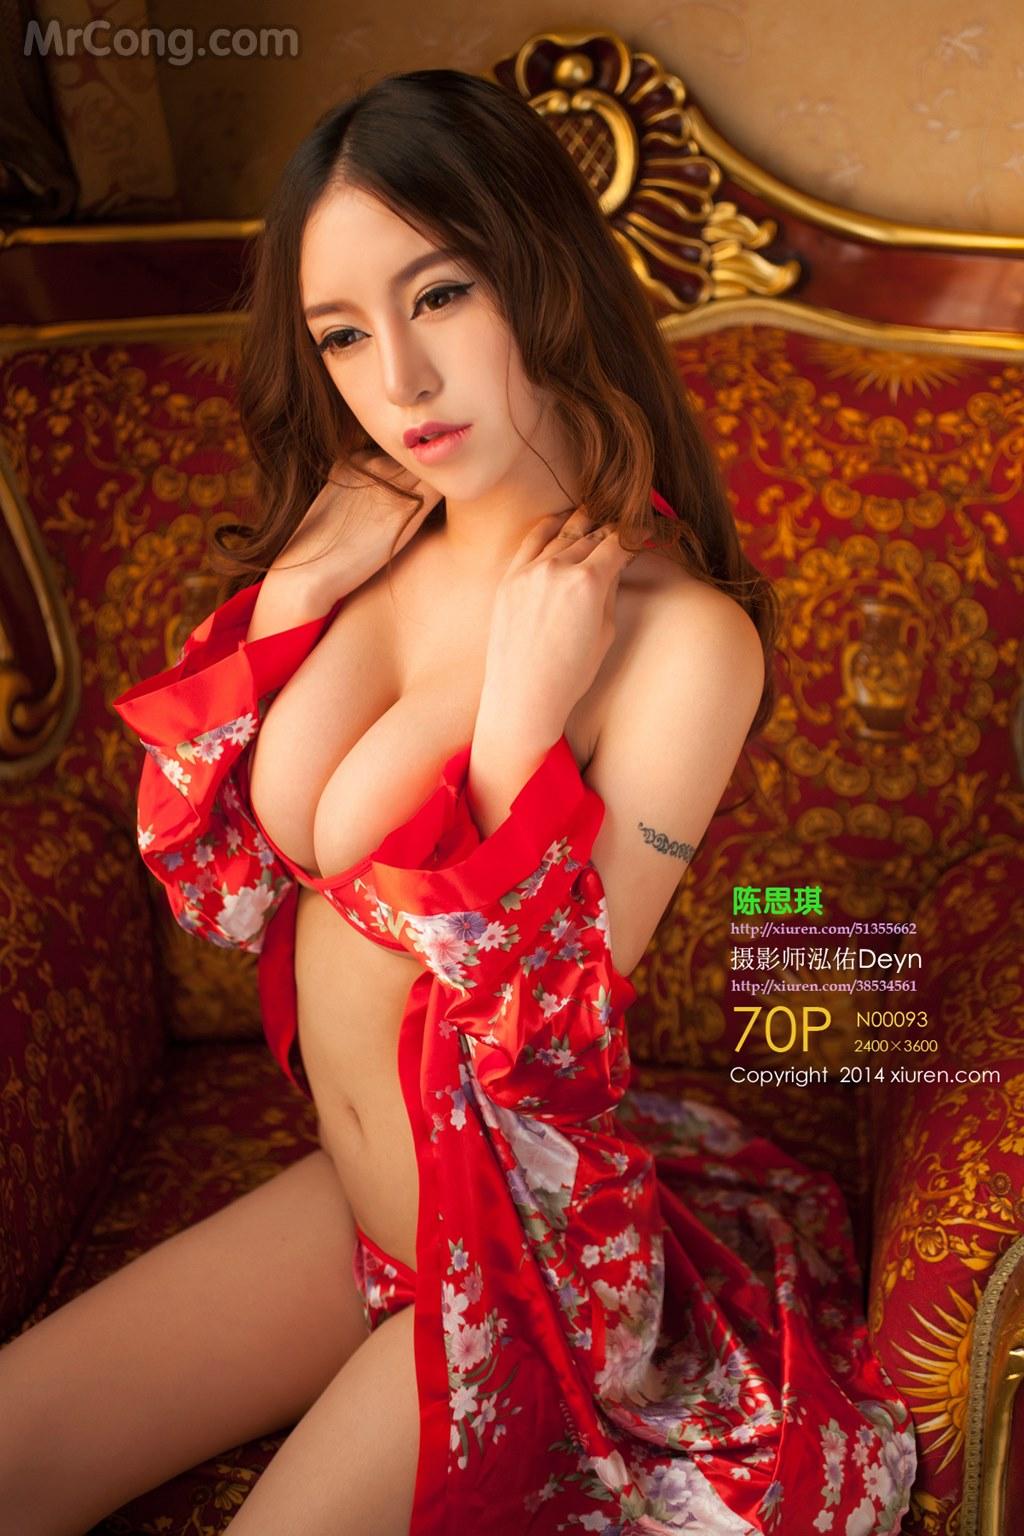 XIUREN No.093: Người mẫu Chen Siqi (陈思琪) (71 ảnh)